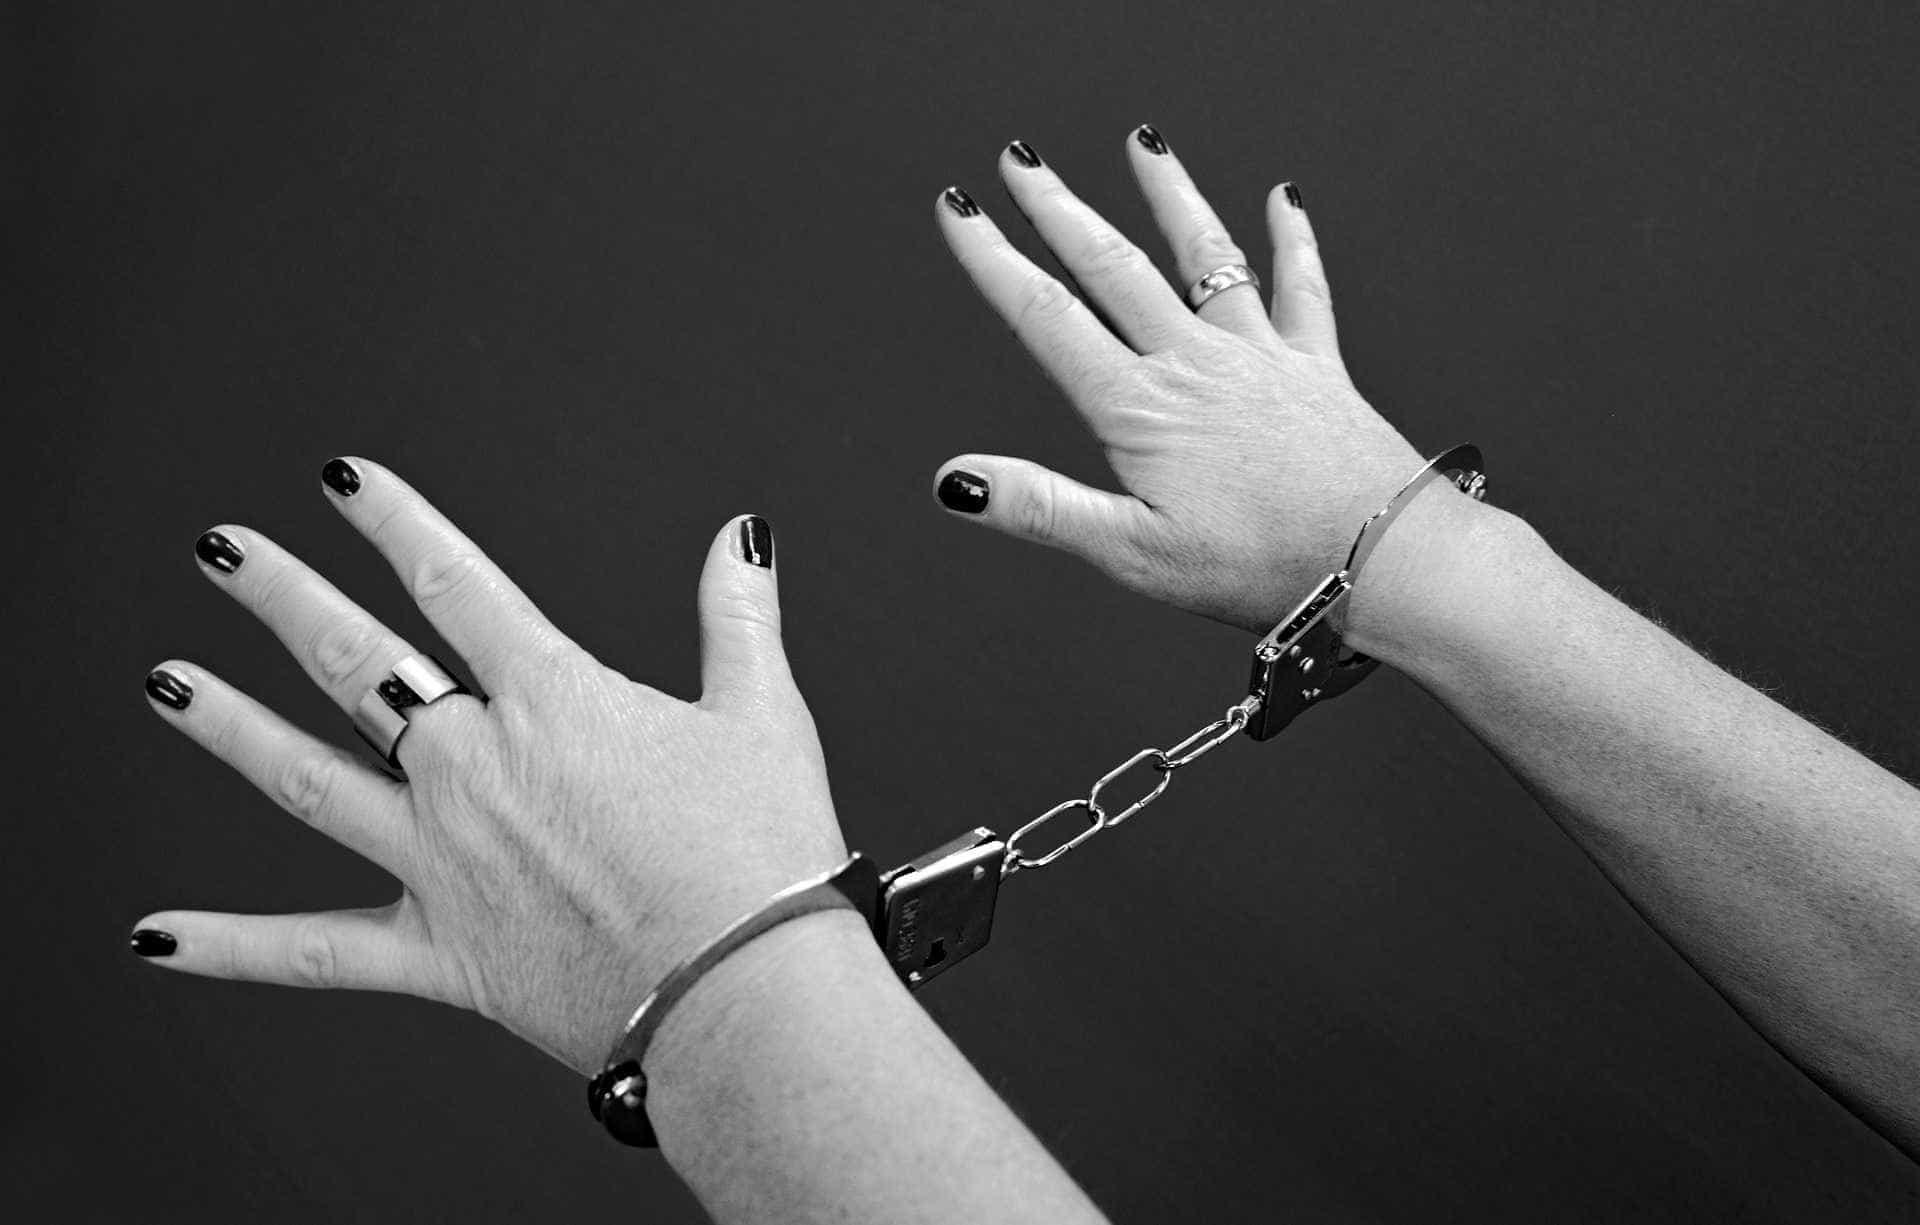 Acusada de matar marido, brasileira corre risco de morte nos EUA